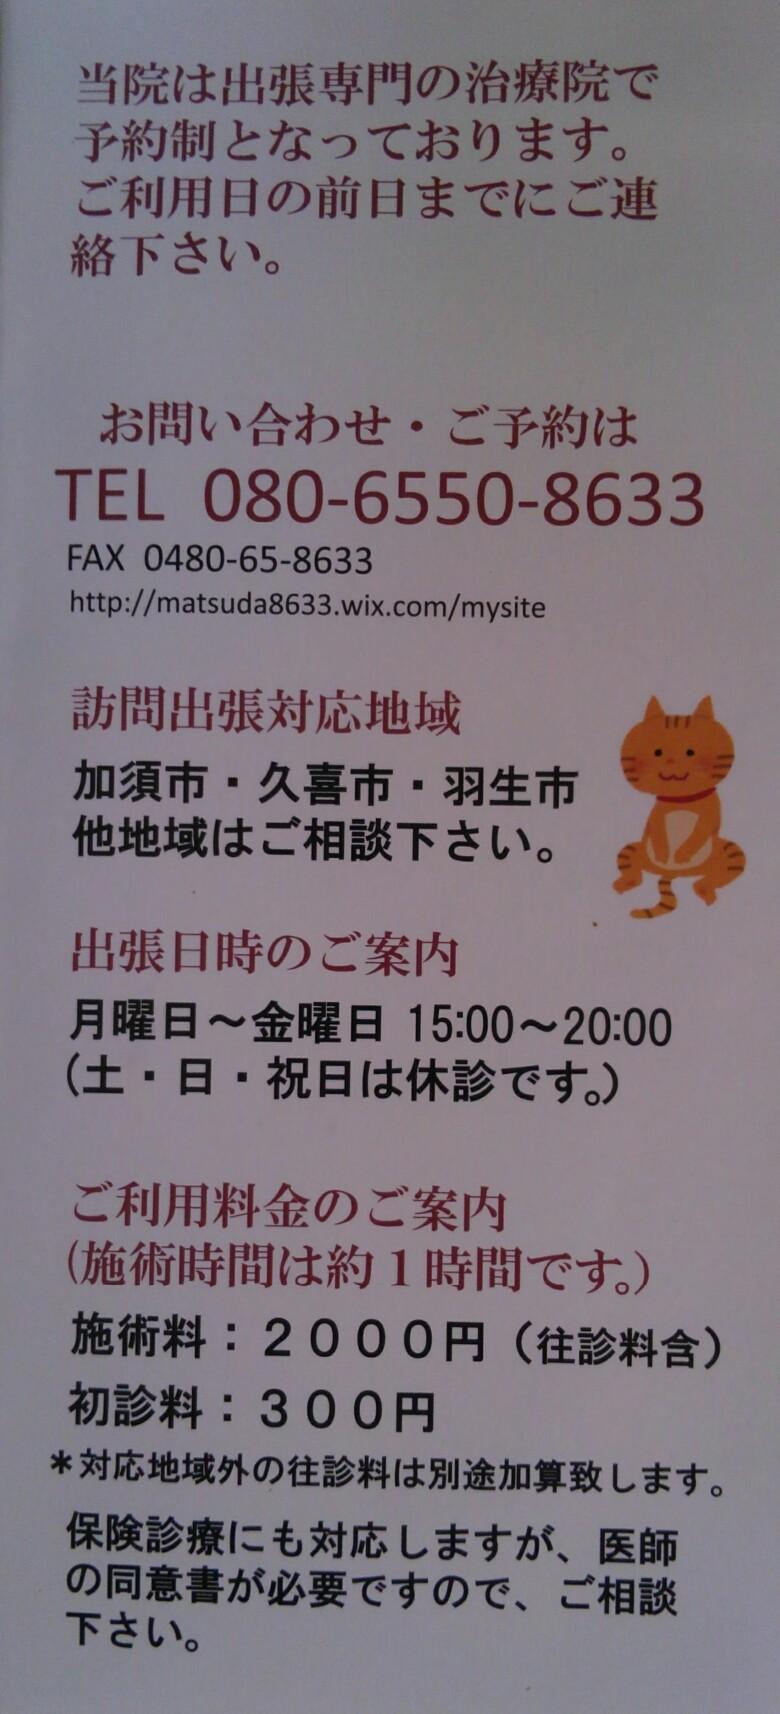 加須鍼灸訪問治療2